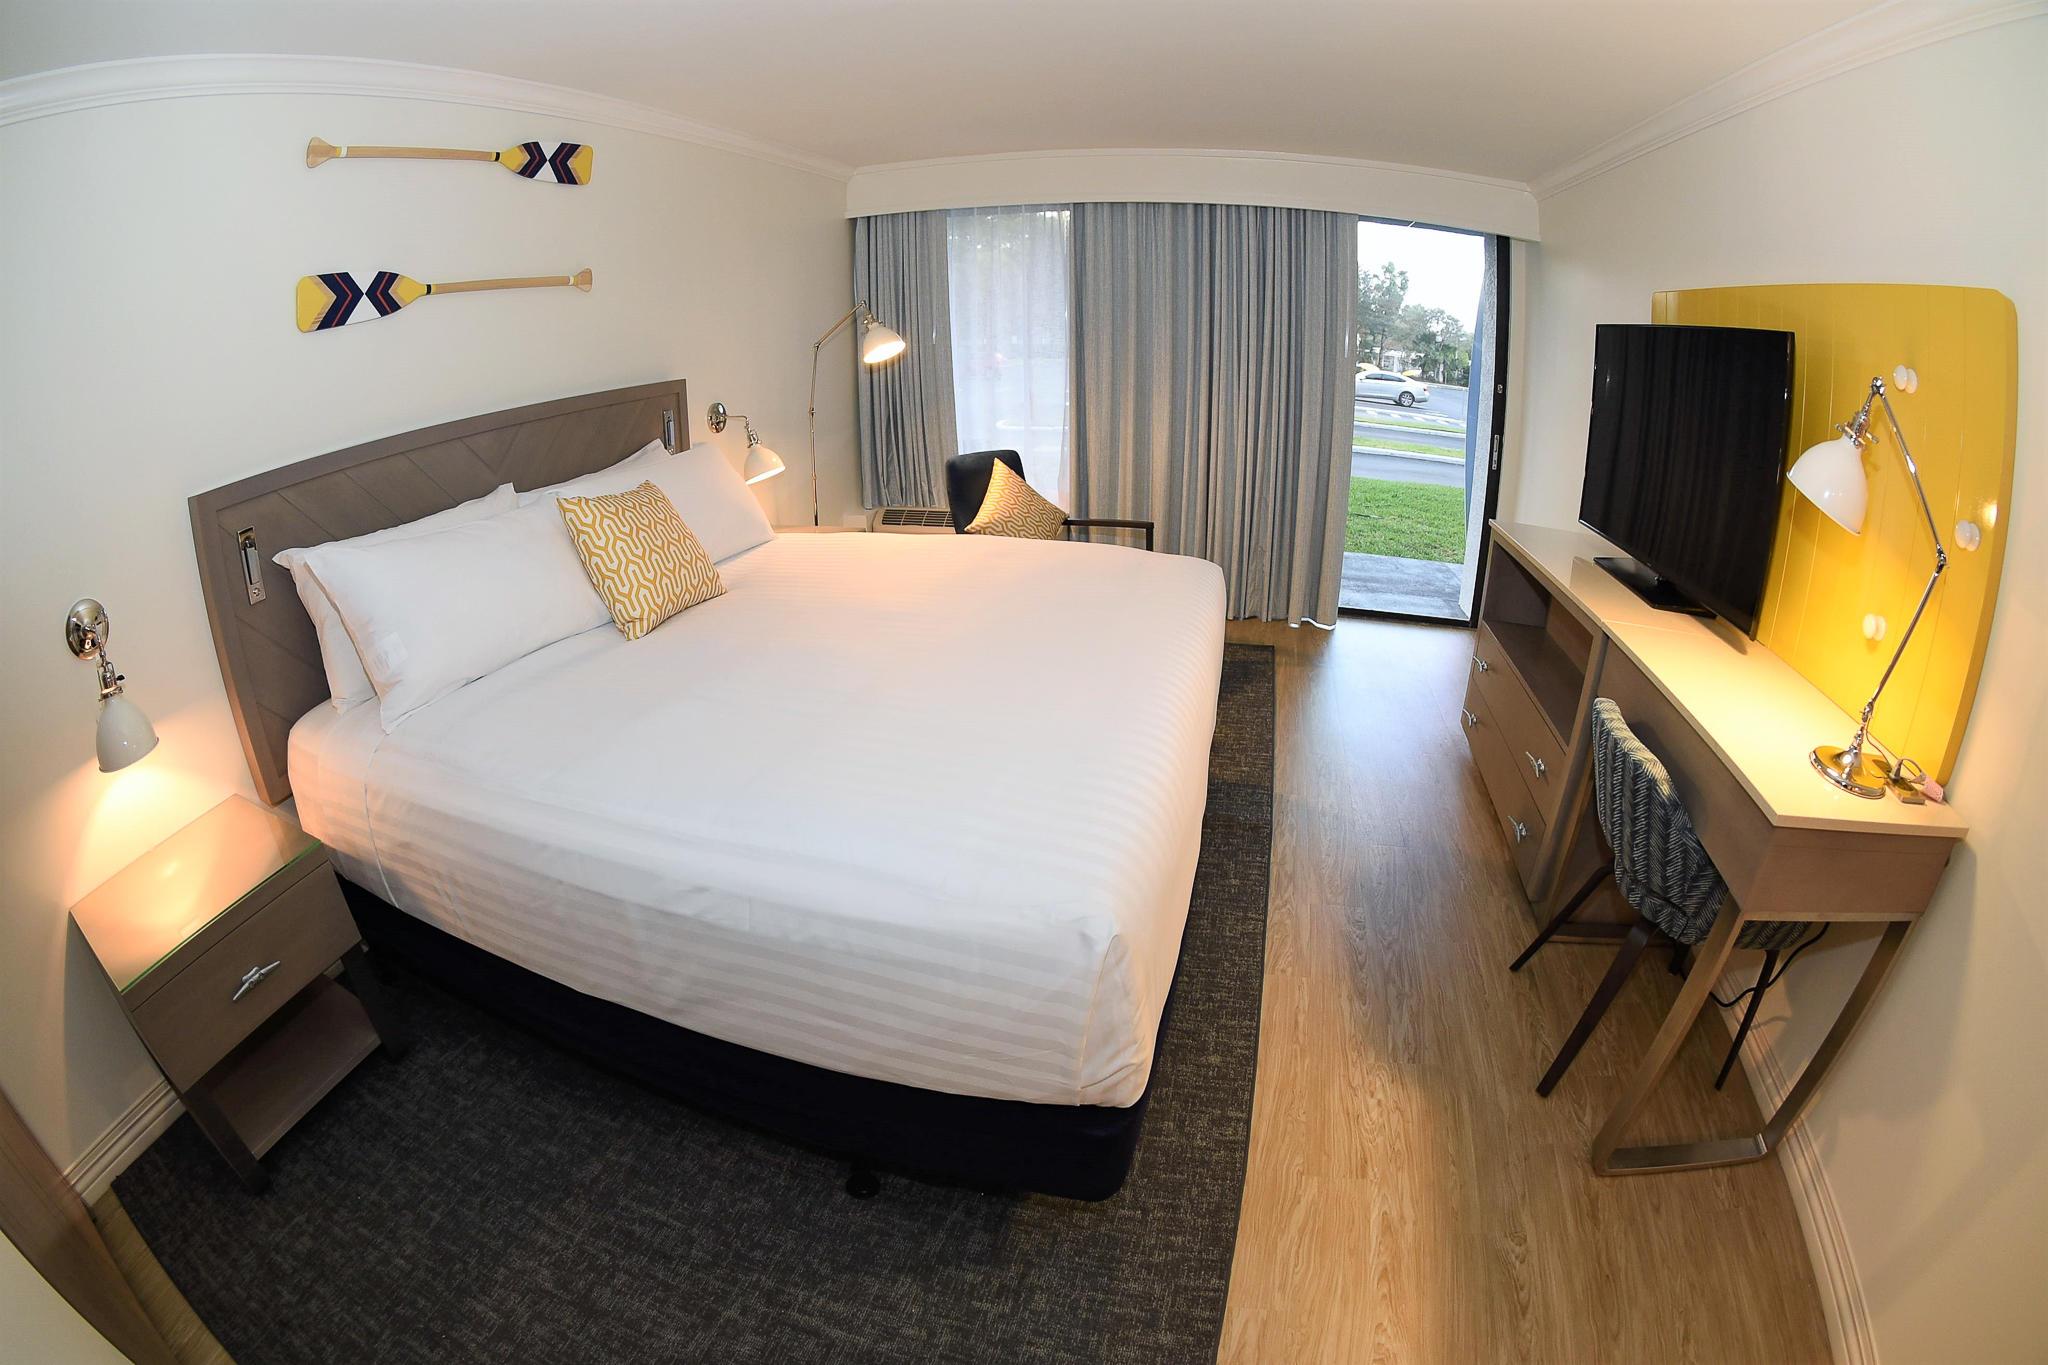 The Godfrey Hotel & Cabanas Tampa image 1